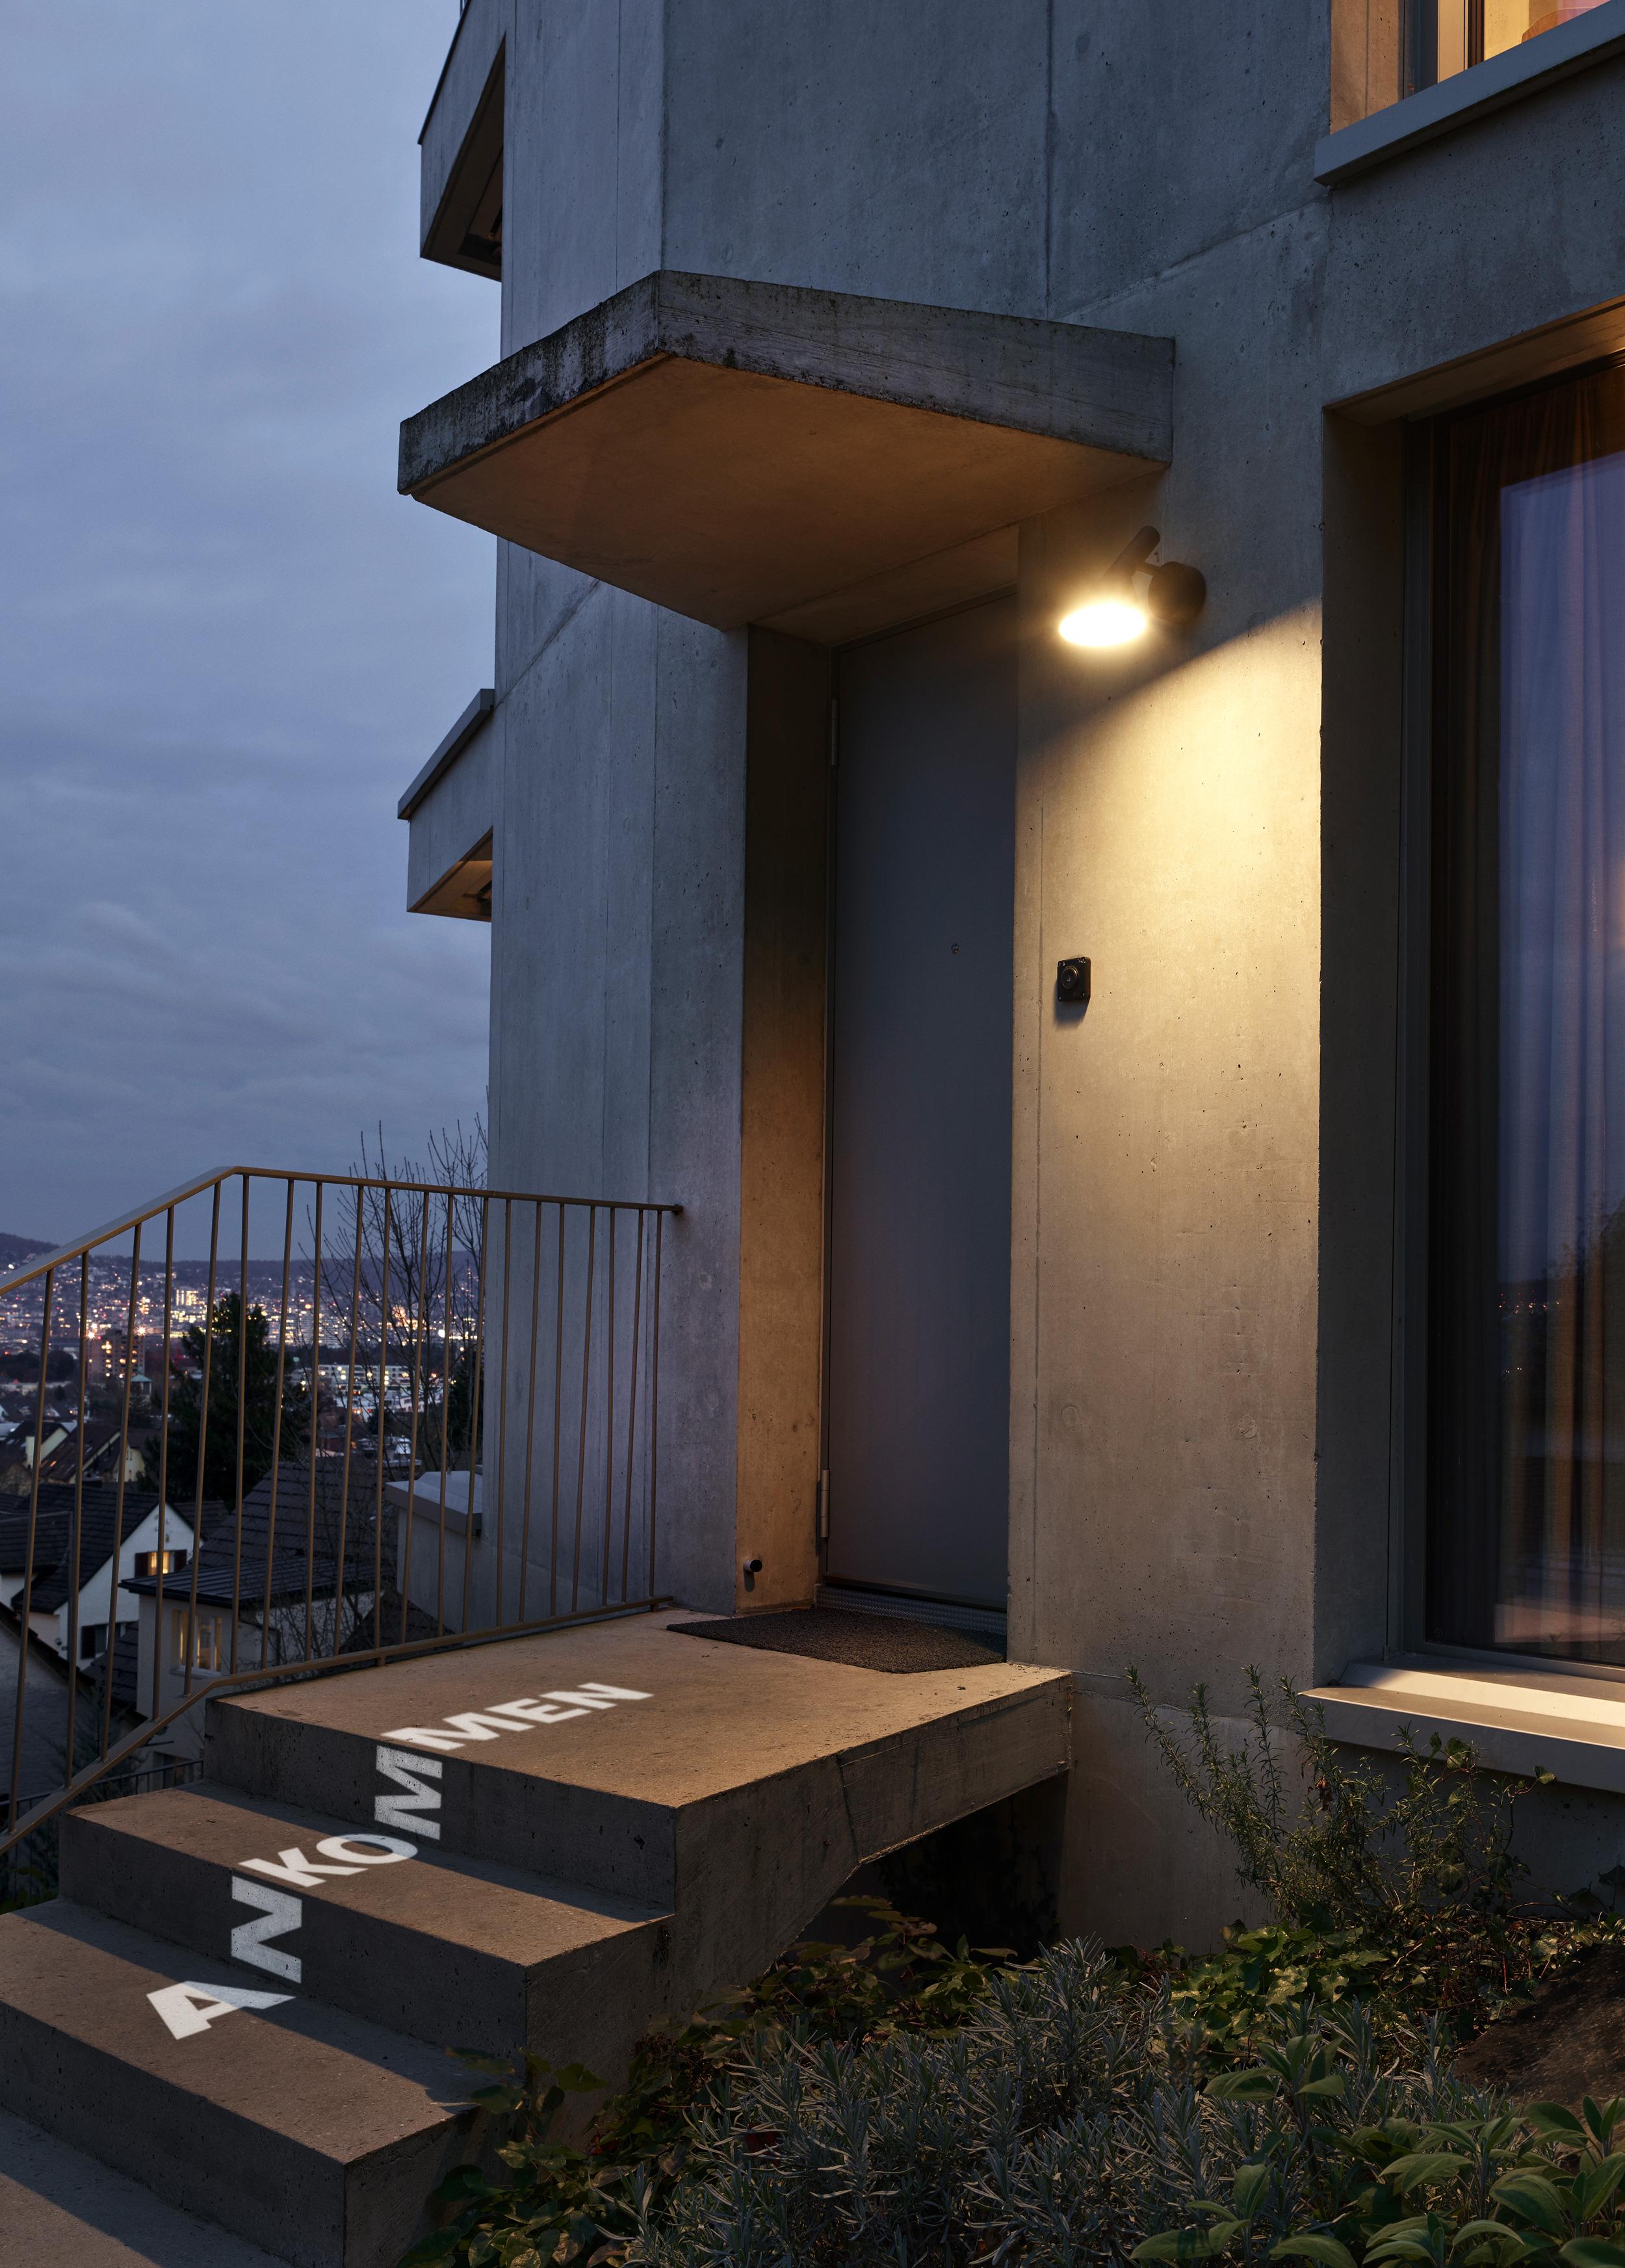 ....In stimmungsvollen Abendaufnahmen werden Visionen in resp. auf die Immobilien projiziert...In atmospheric evening shots visions in resp. projected onto the real estate..... -